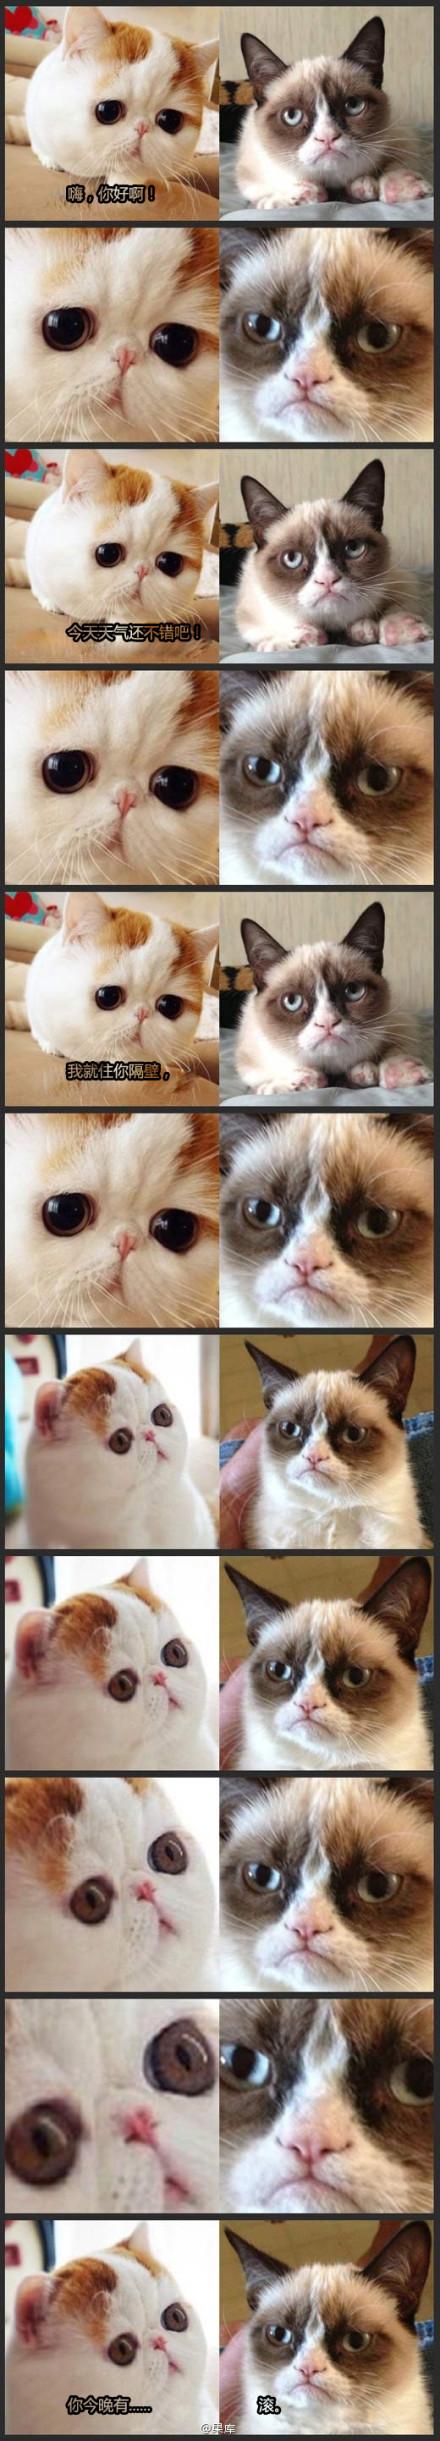 同样都是猫,萌法完全不一样~